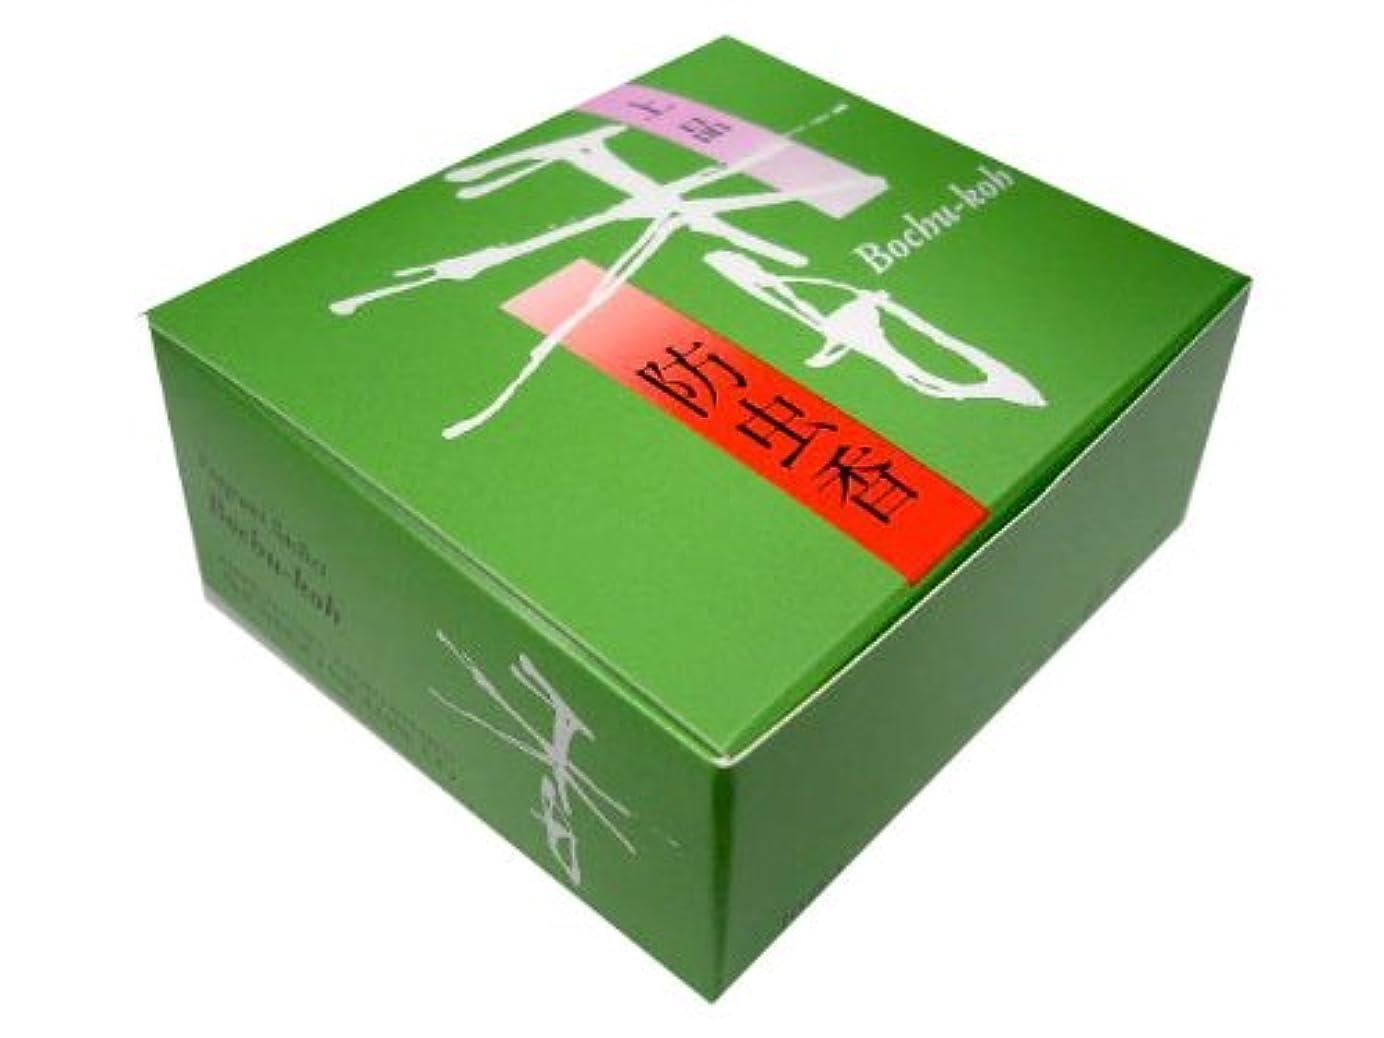 五月コミット目覚める松栄堂の防虫香 上品 防虫香 10袋入 #520138